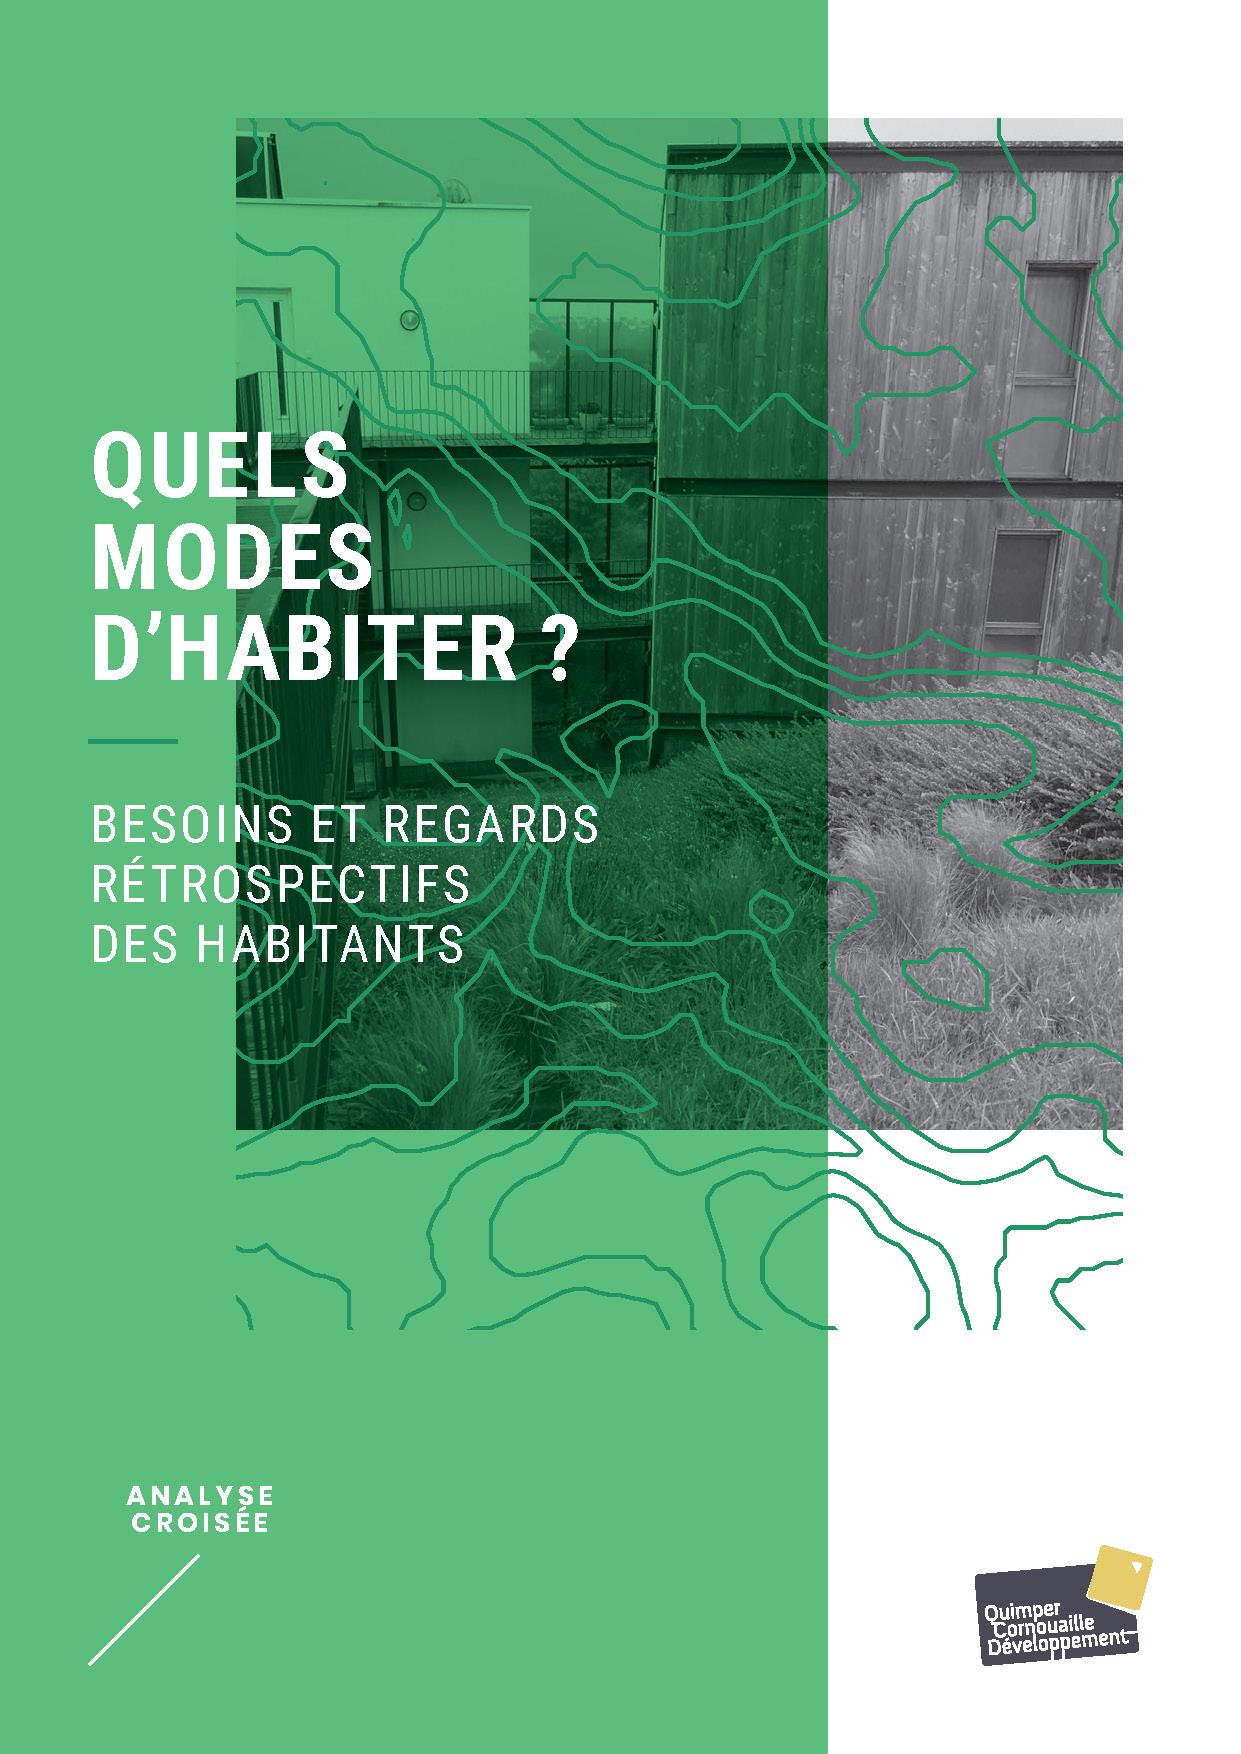 Quels modes d'habiter ? Besoins et regards rétrospectifs des habitants (étude de Quimper Cornouaille Développement, septembre 2020)